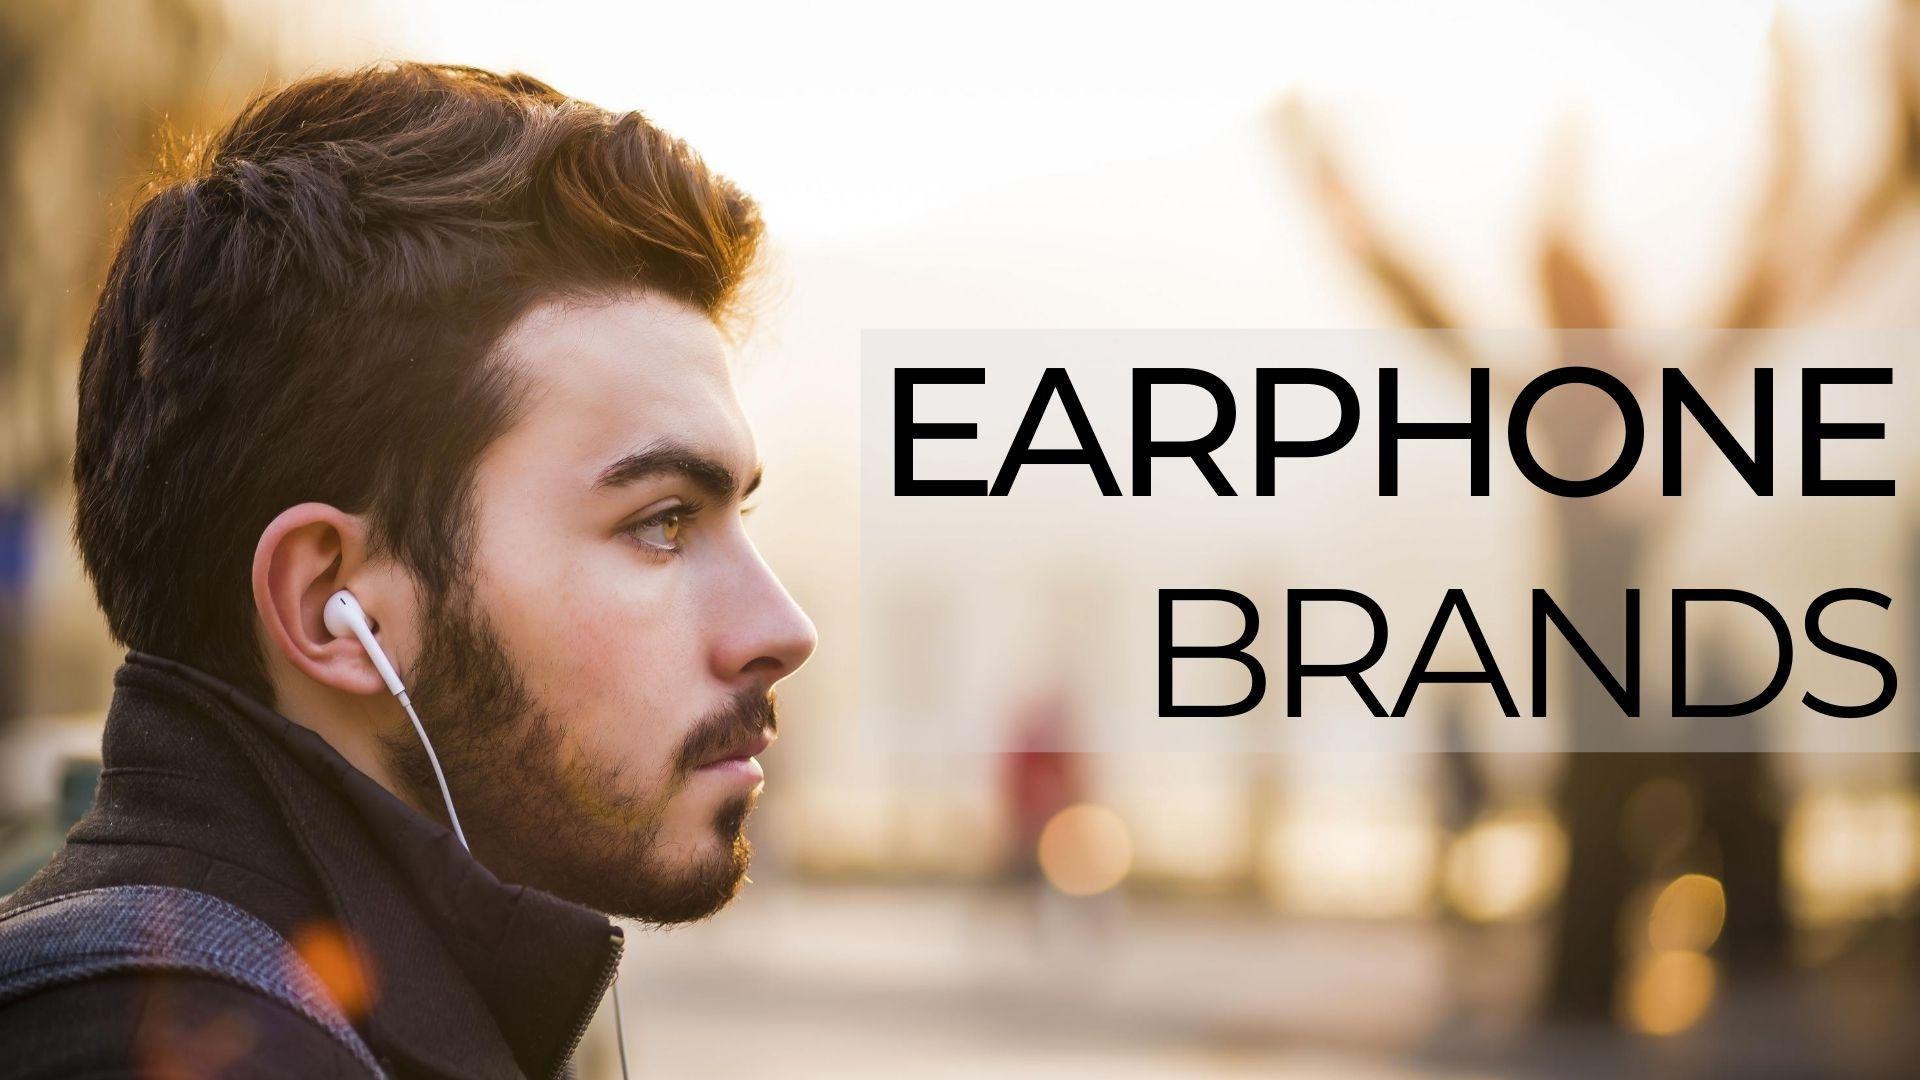 Earphone Brands in india